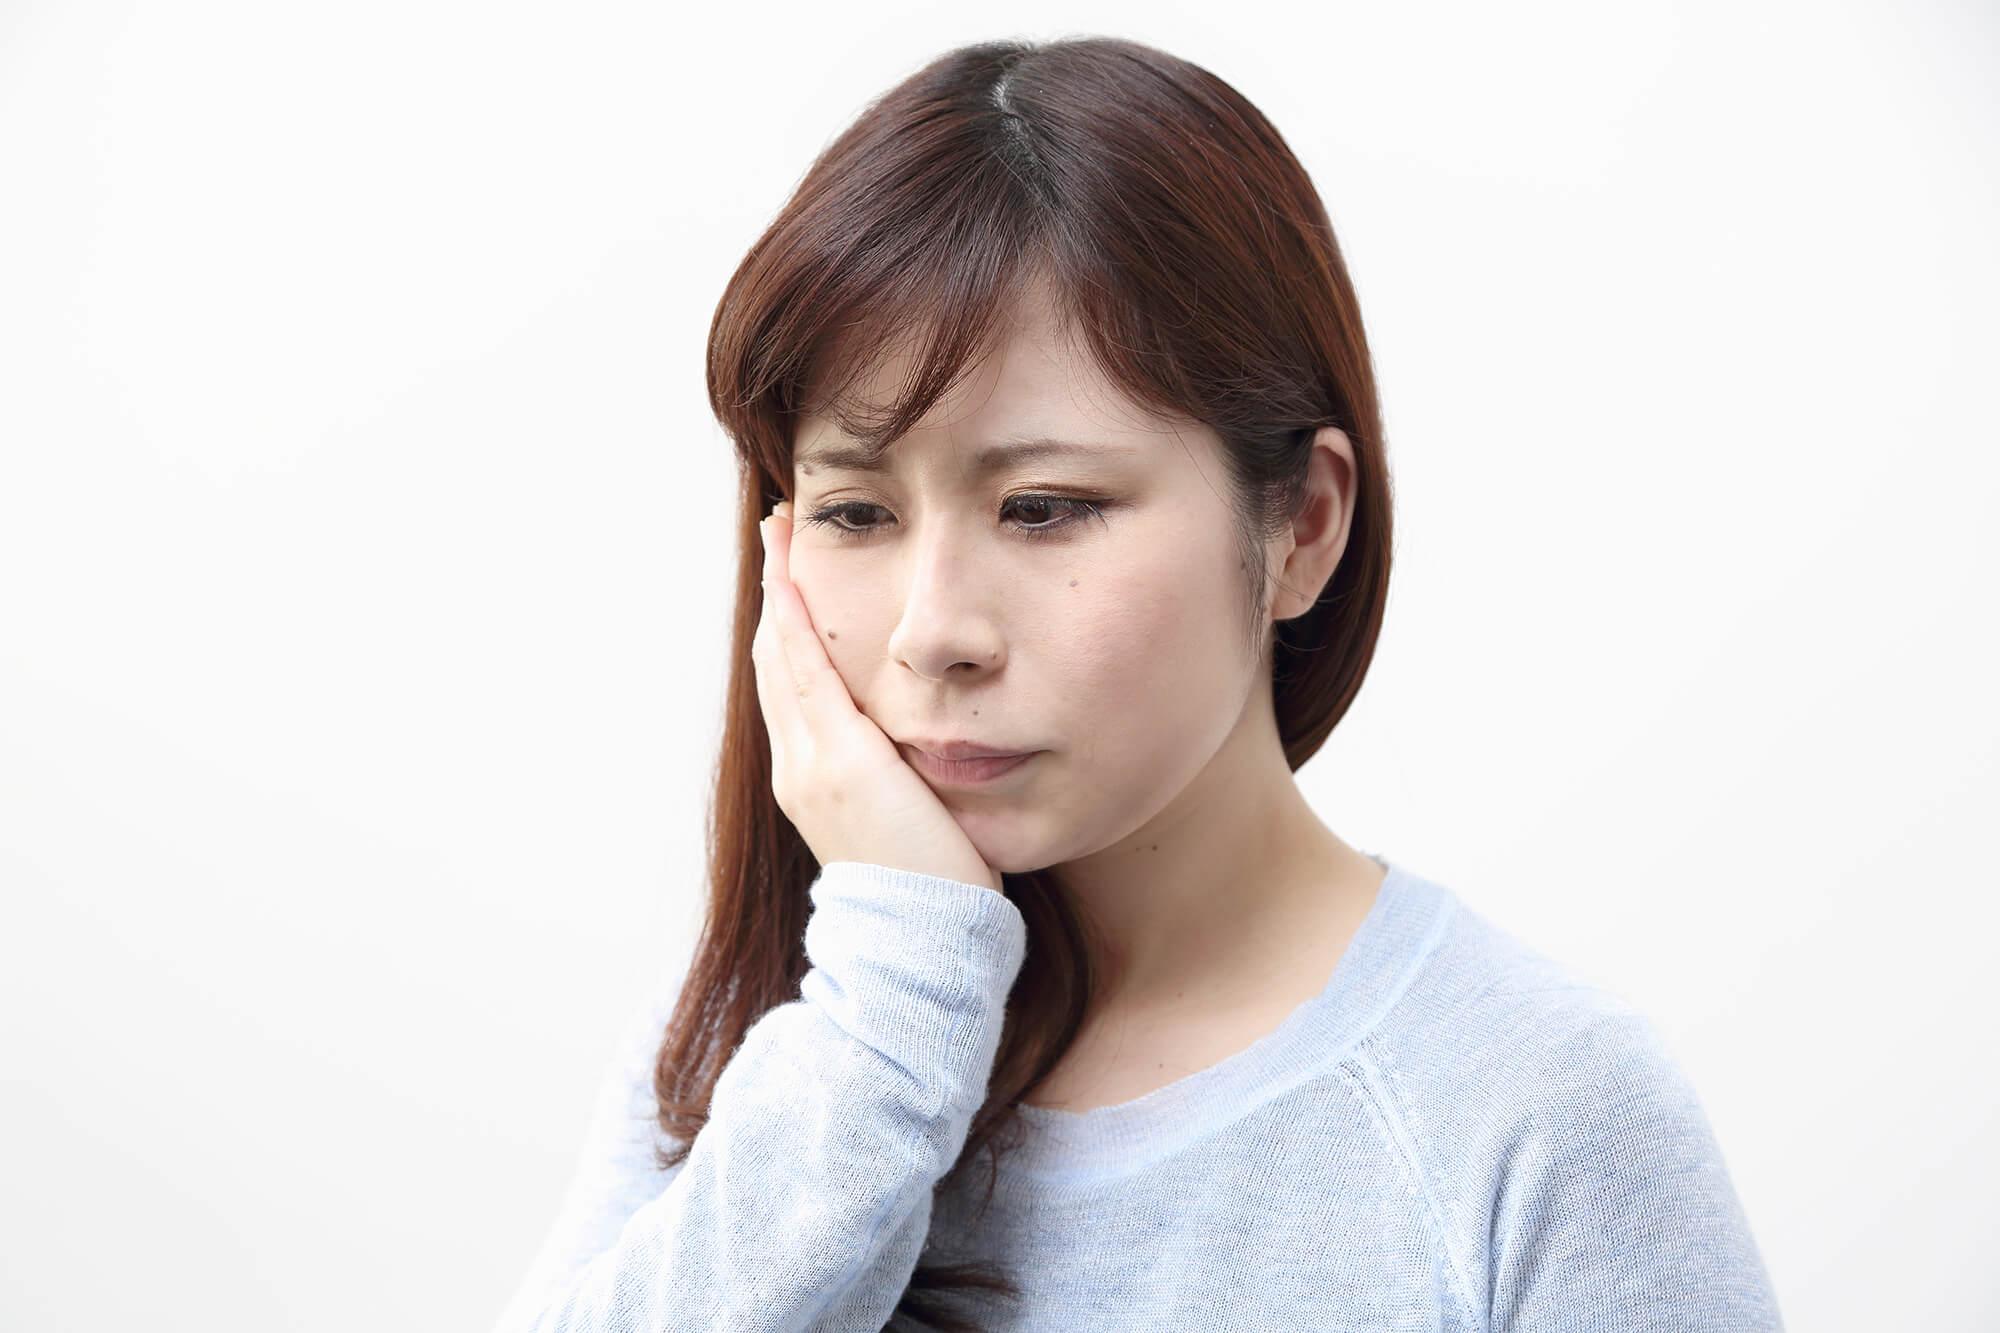 歯を失ってしまった後の治療に関するリスク